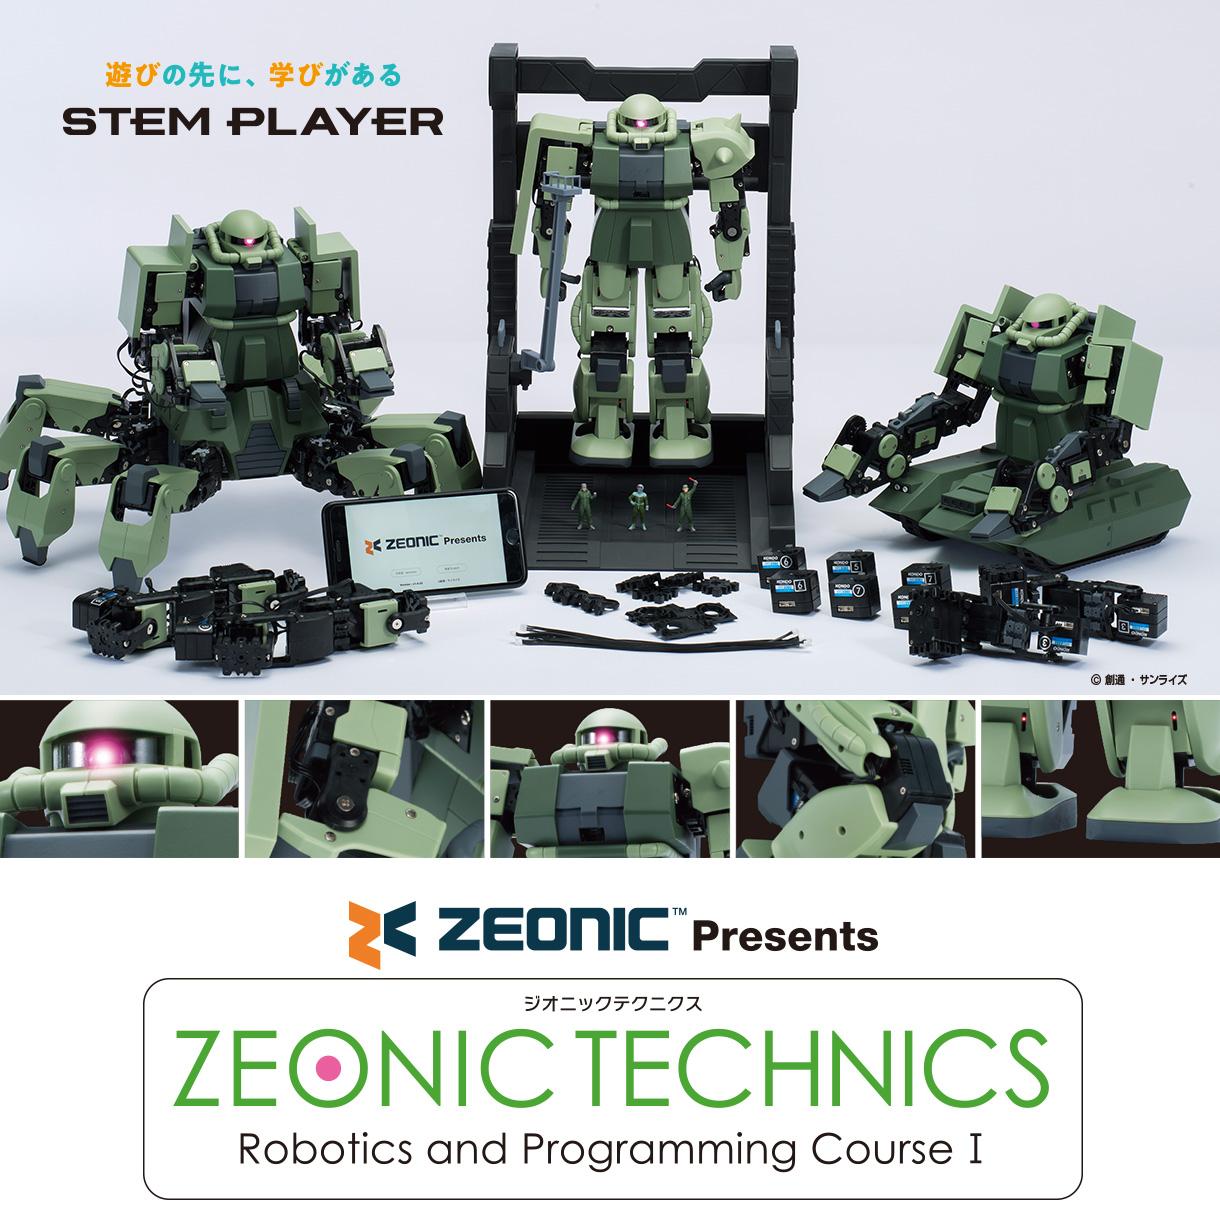 【限定販売】ジオニック社公式MS講習コース『EONIC TECHNICS(ジオニックテクニクス) Robotics and Programming CourseI』STEM学習教材-001